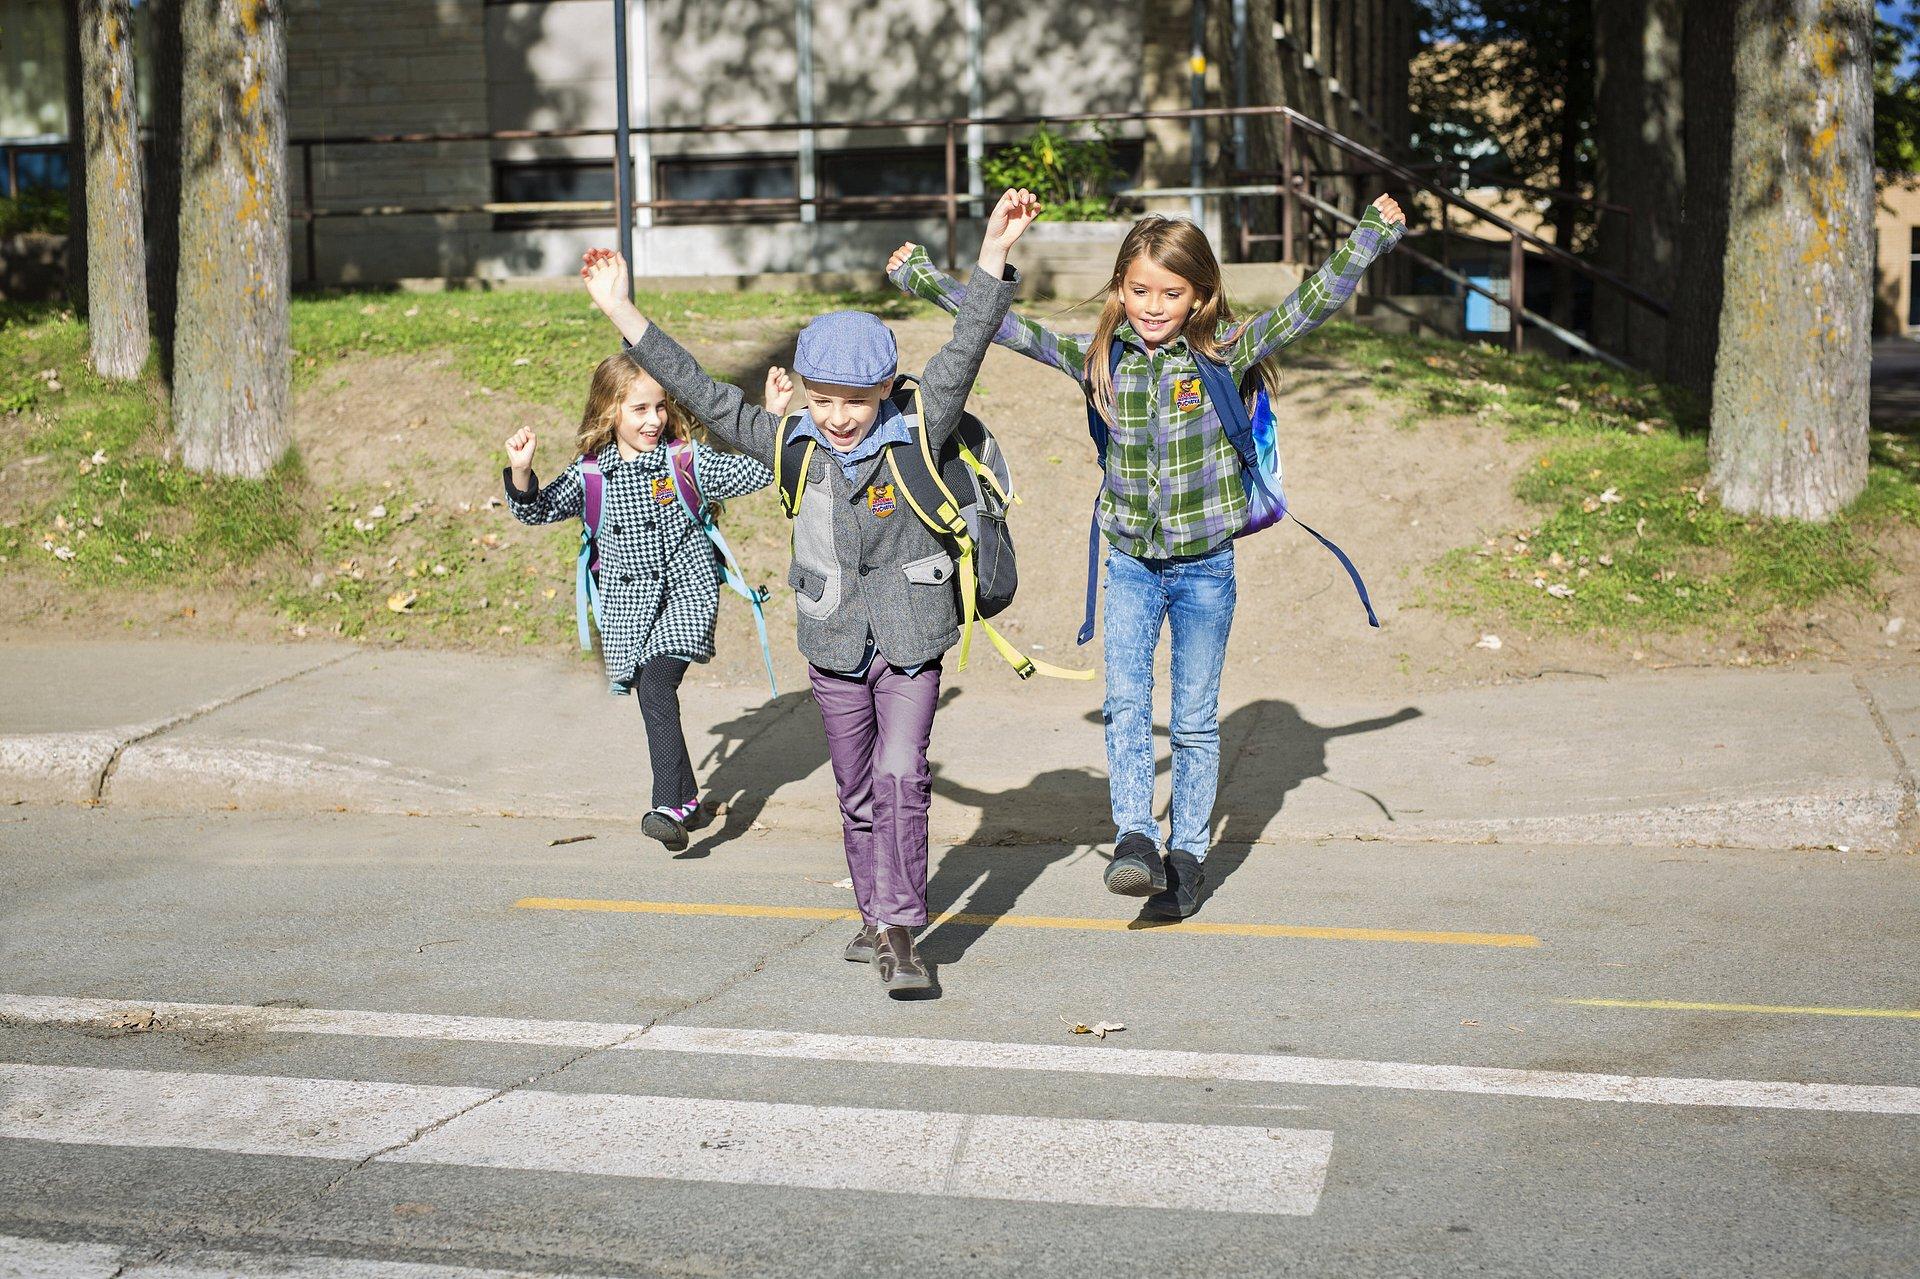 Ruszyła XI edycja Akademii Bezpiecznego Puchatka – trwa nabór szkół z województwa pomorskiego do programu